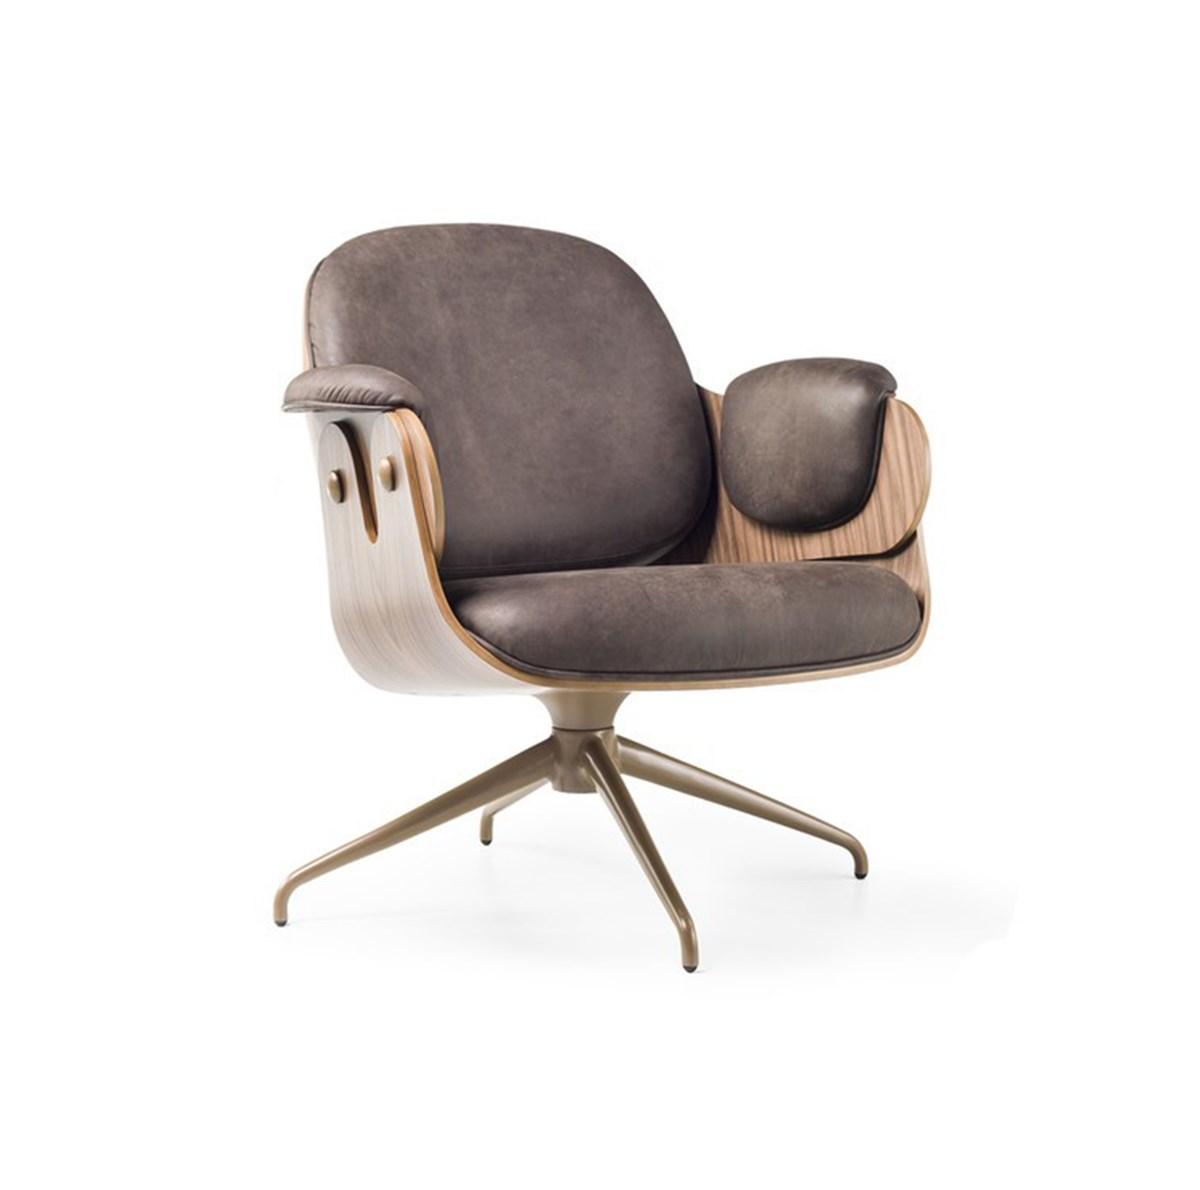 BD-Barcelona-Jaime-Hayon-Low-Lounger-Matisse-1